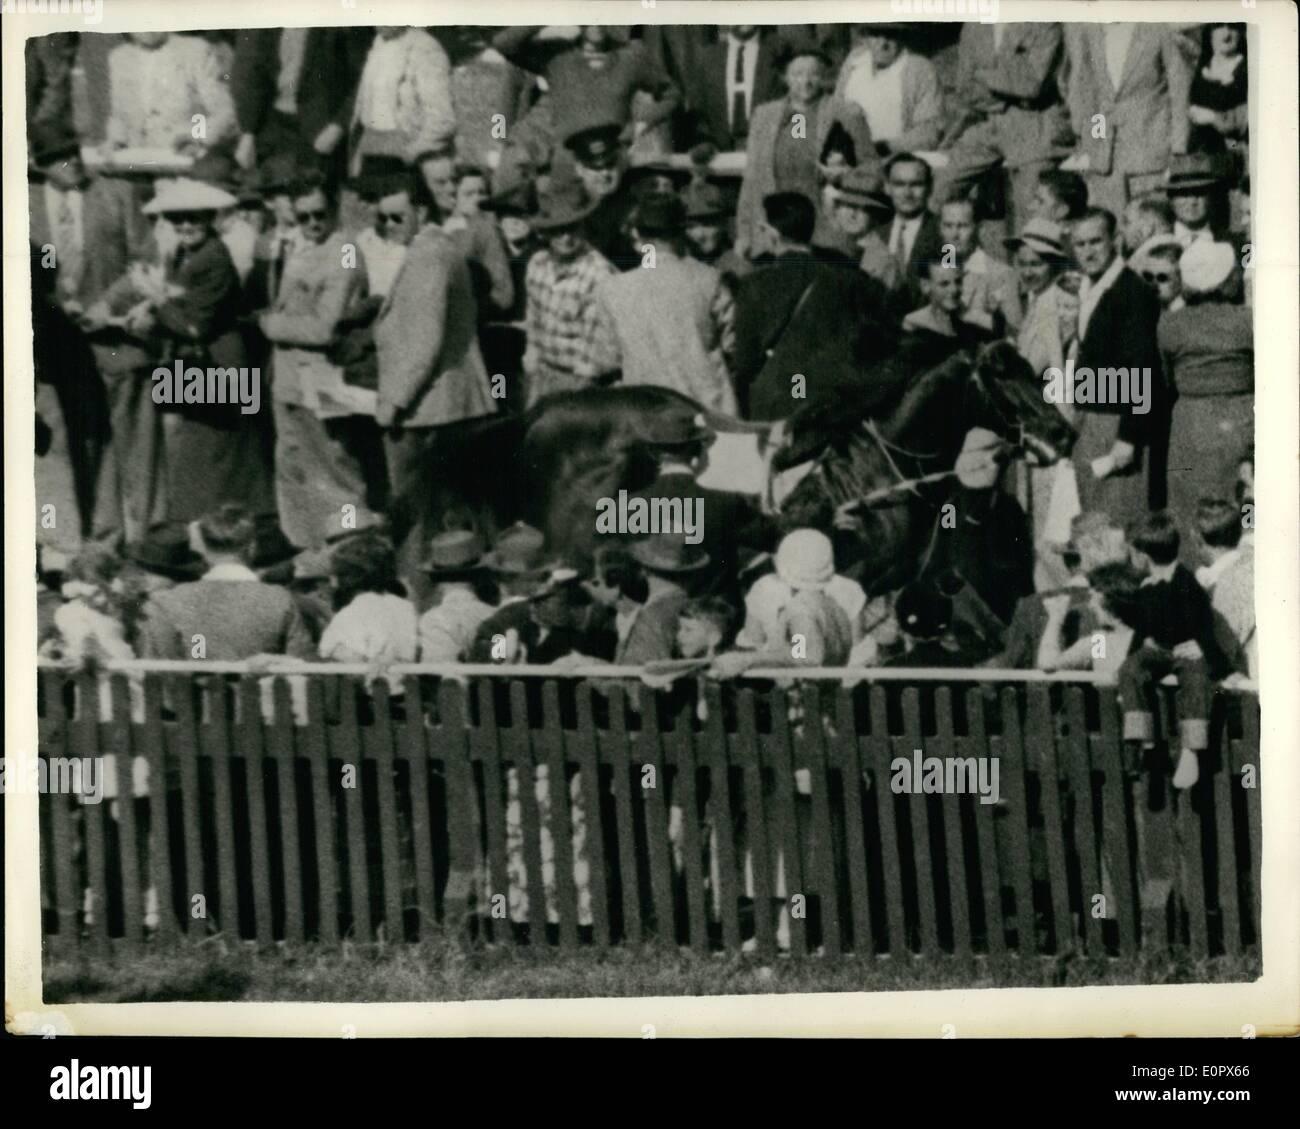 Abril 04, 1957 - Caballo corre furiosamente en el Hipódromo australiano: ''estacas de Oro'', criados y tiró a su jinete al alinearse para el inicio de la desventaja de Wentworth, al Ranwick Rececourse, Australia y atornillados durante el torneo. Durante el galope el caballo resbaló y sorambled bajo la rampa, y racegoers soattered en todas direcciones. Sorprendentemente nadie resultó herido, y estacas de oro fue finalmente atrapado aparentemente nada peor para su escapó. La imagen muestra: Uno racegoer intenta saltar la valla y otros guiones para la seguridad como el caballo de carreras desbocado ''estacas de Oro'' los pernos a través de la multitud en Randwick Imagen De Stock